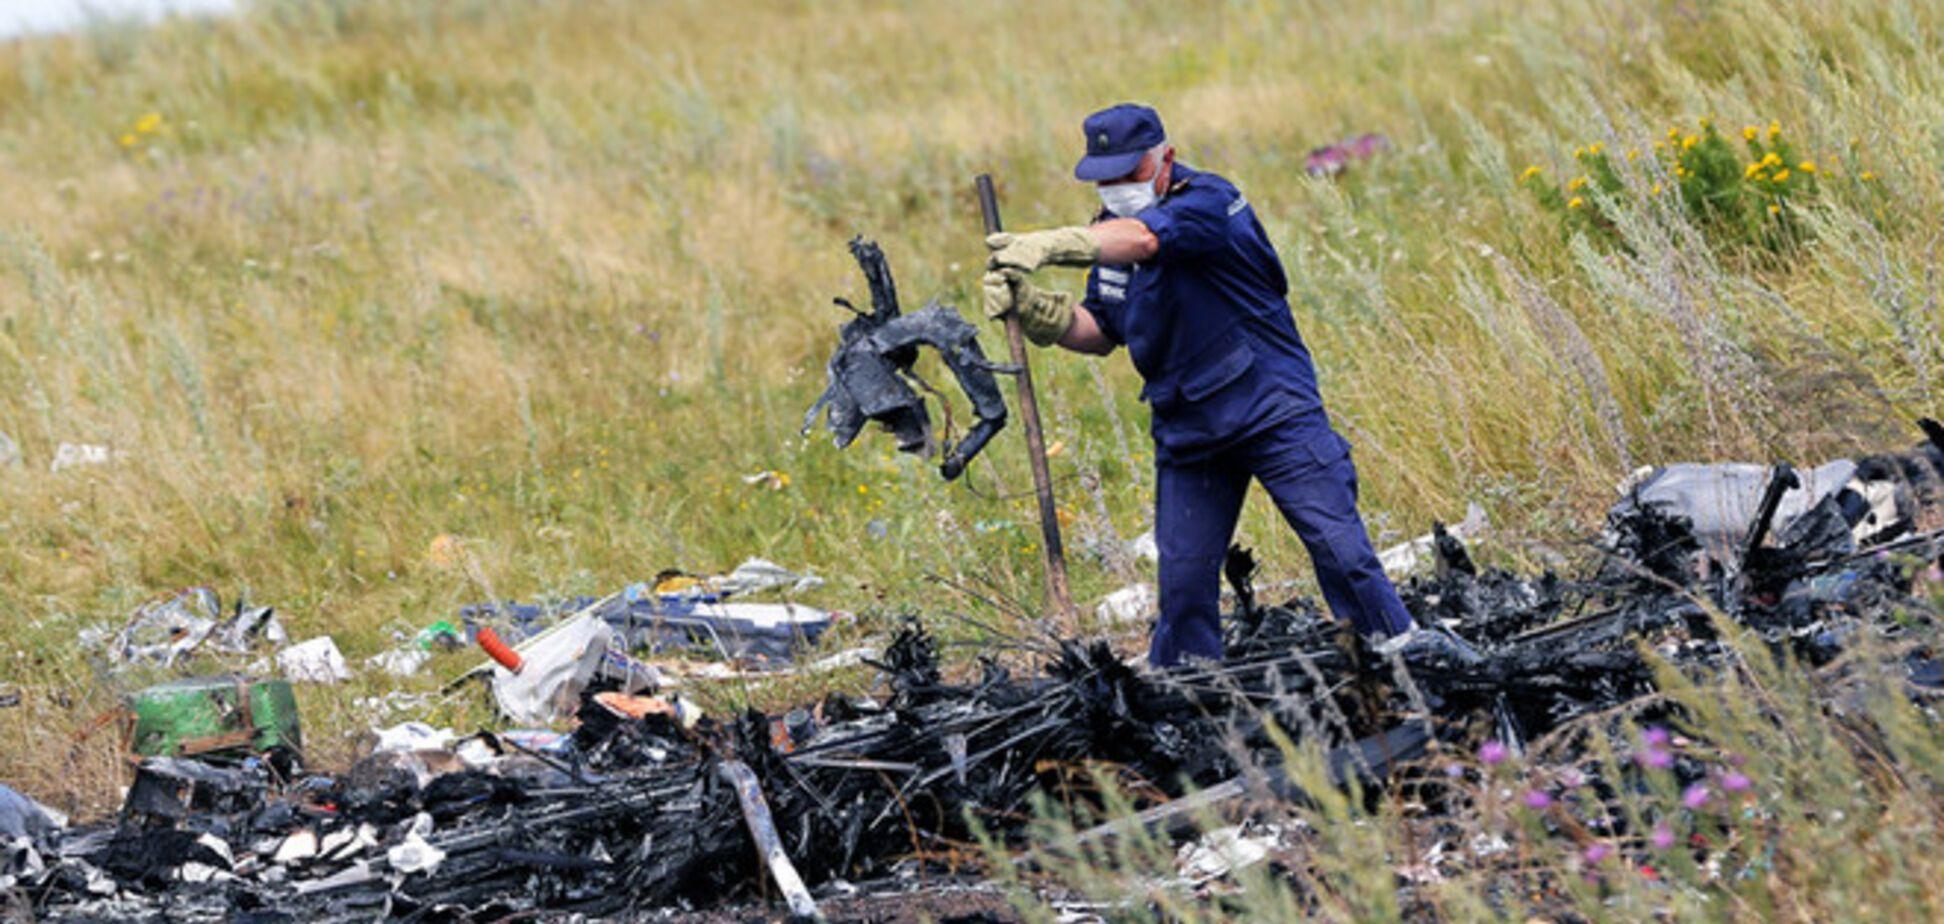 Немецкая разведка установила, что Boeing-777  сбили пророссийские террористы - СМИ